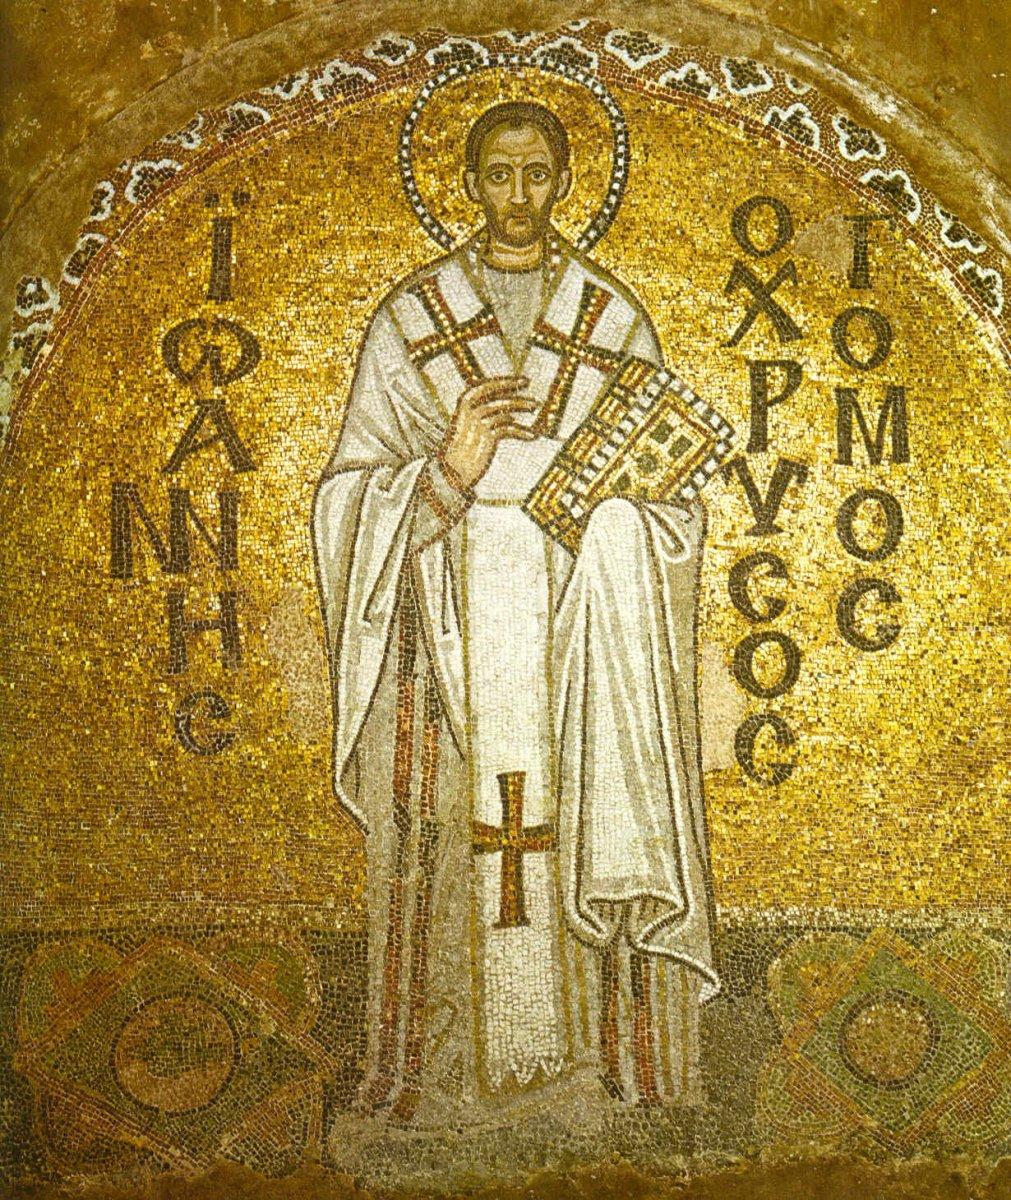 Biskupom w Polsce ku wiecznej odrazie i hańbie polecamy. Św. Jan Chryzostom przeciwko judaizantom i Żydom. (2)